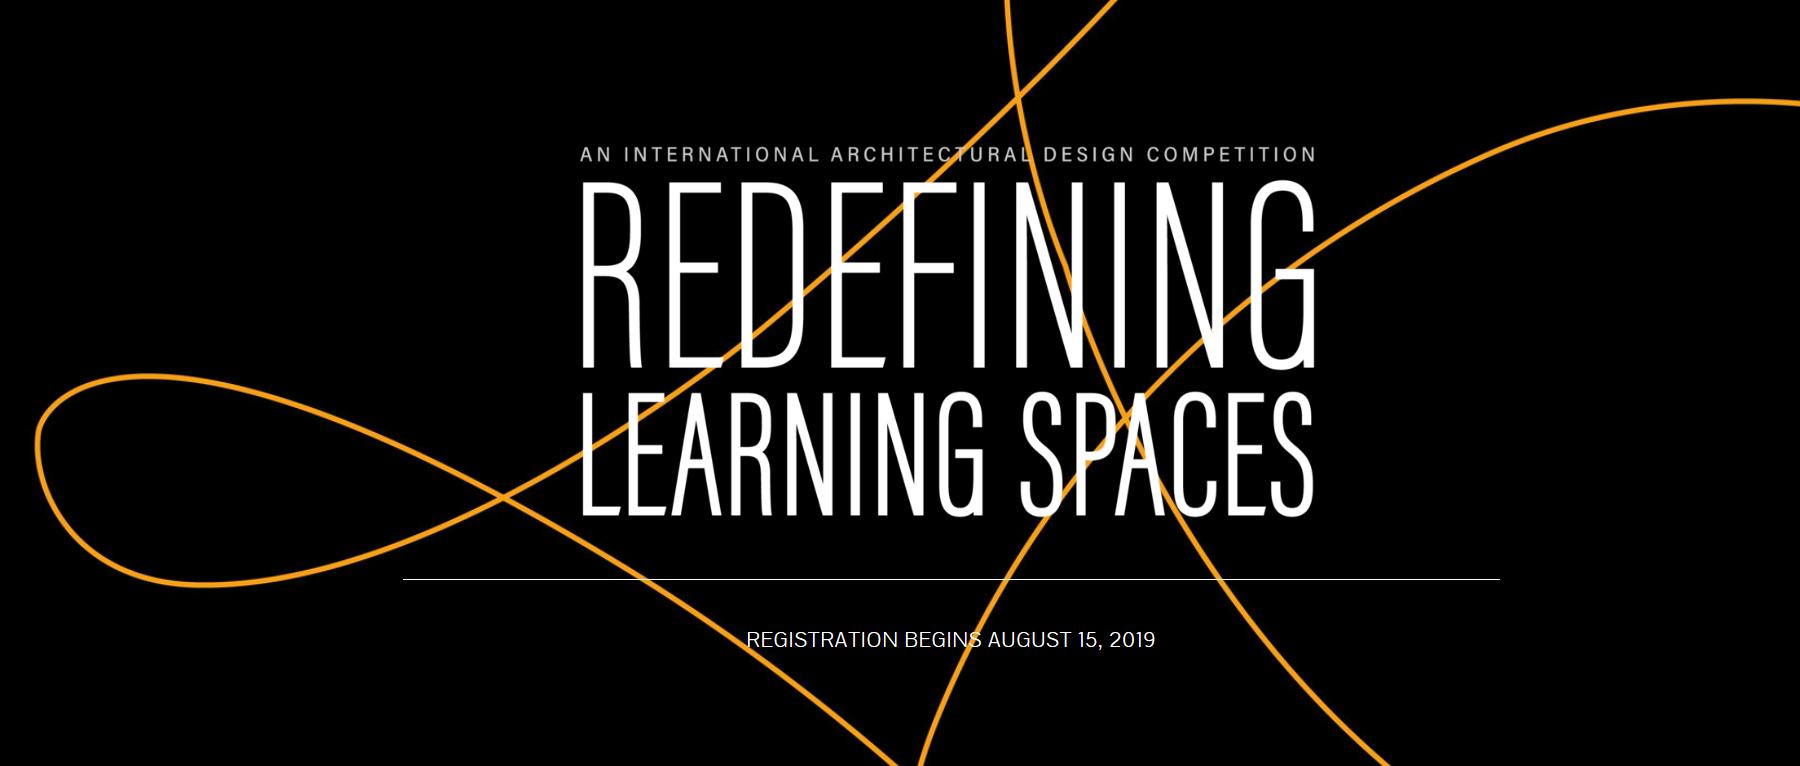 重新定义学习空间:路易斯安那大学新实验学校设计竞赛